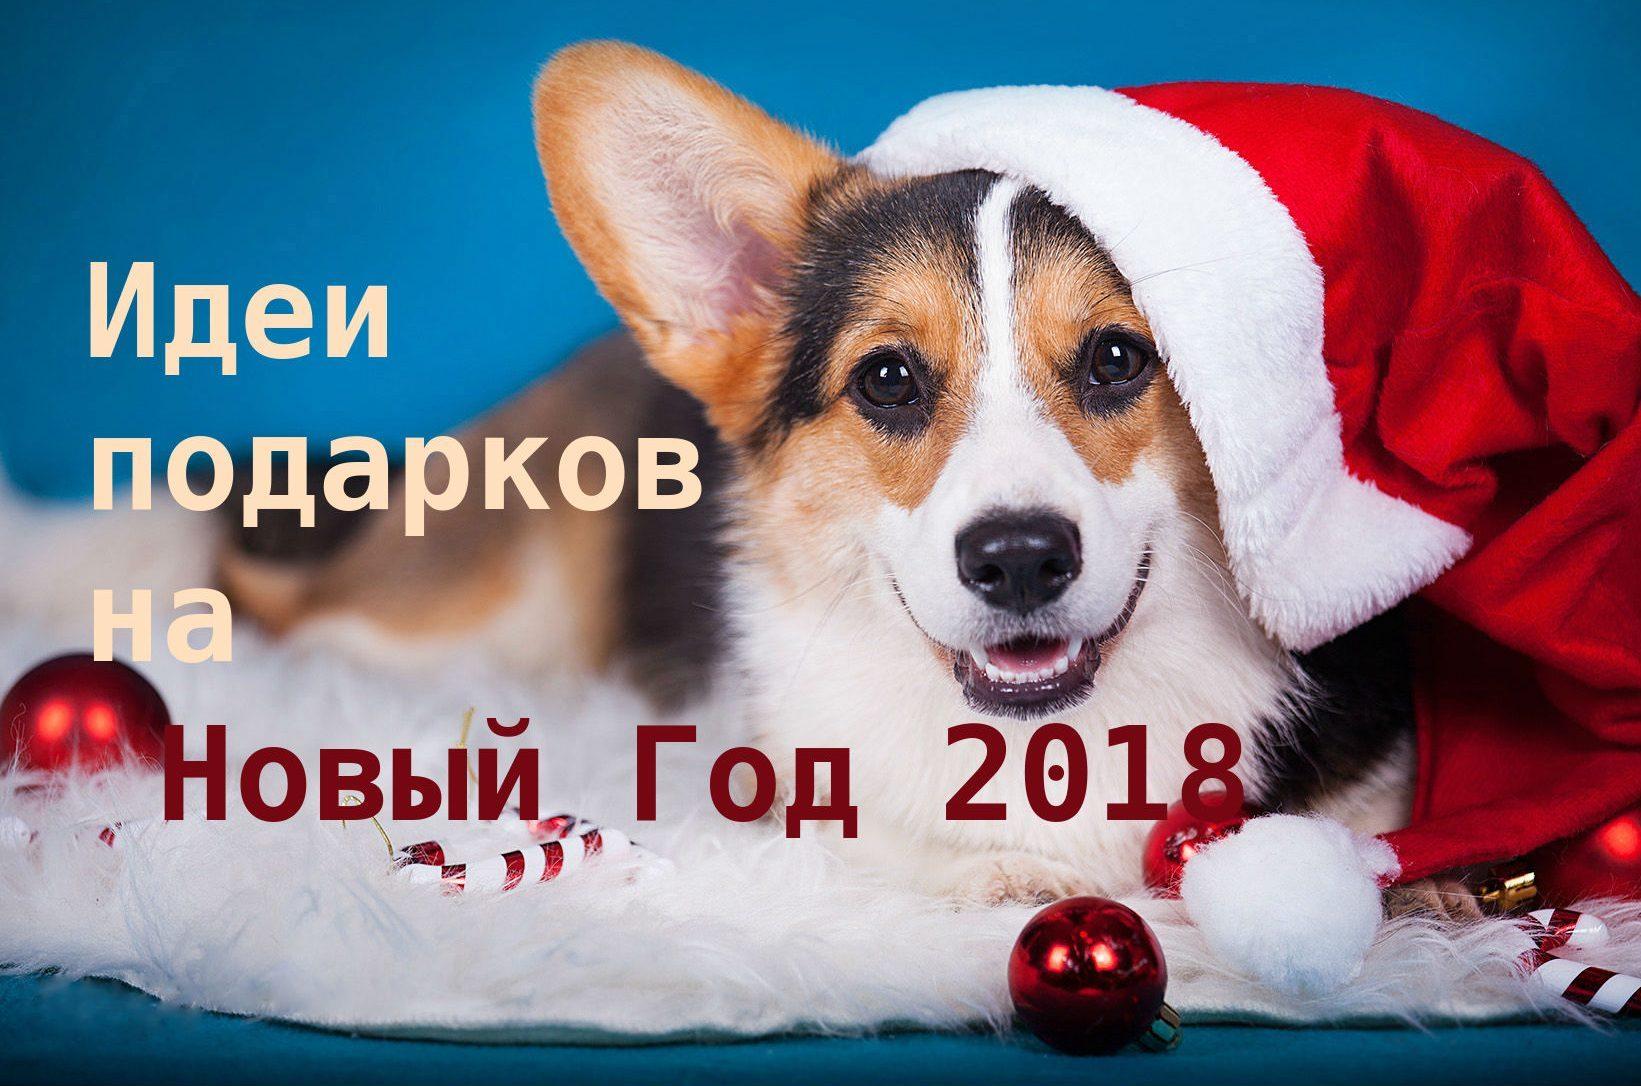 интересные идеи для подарков на Новый год 2018